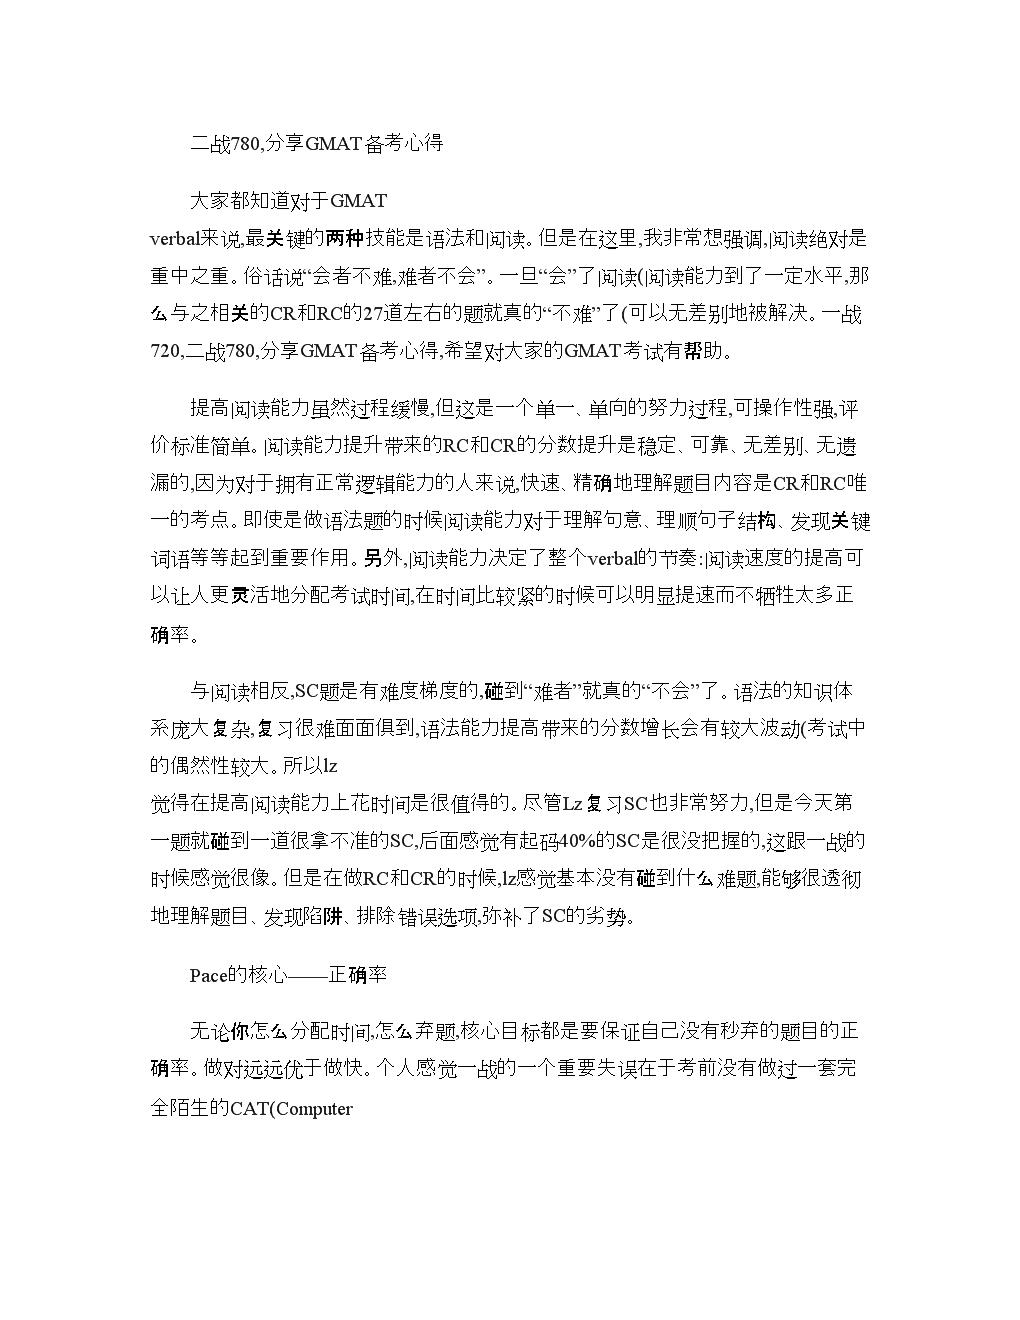 二战780,分享GMAT备考心得-.doc